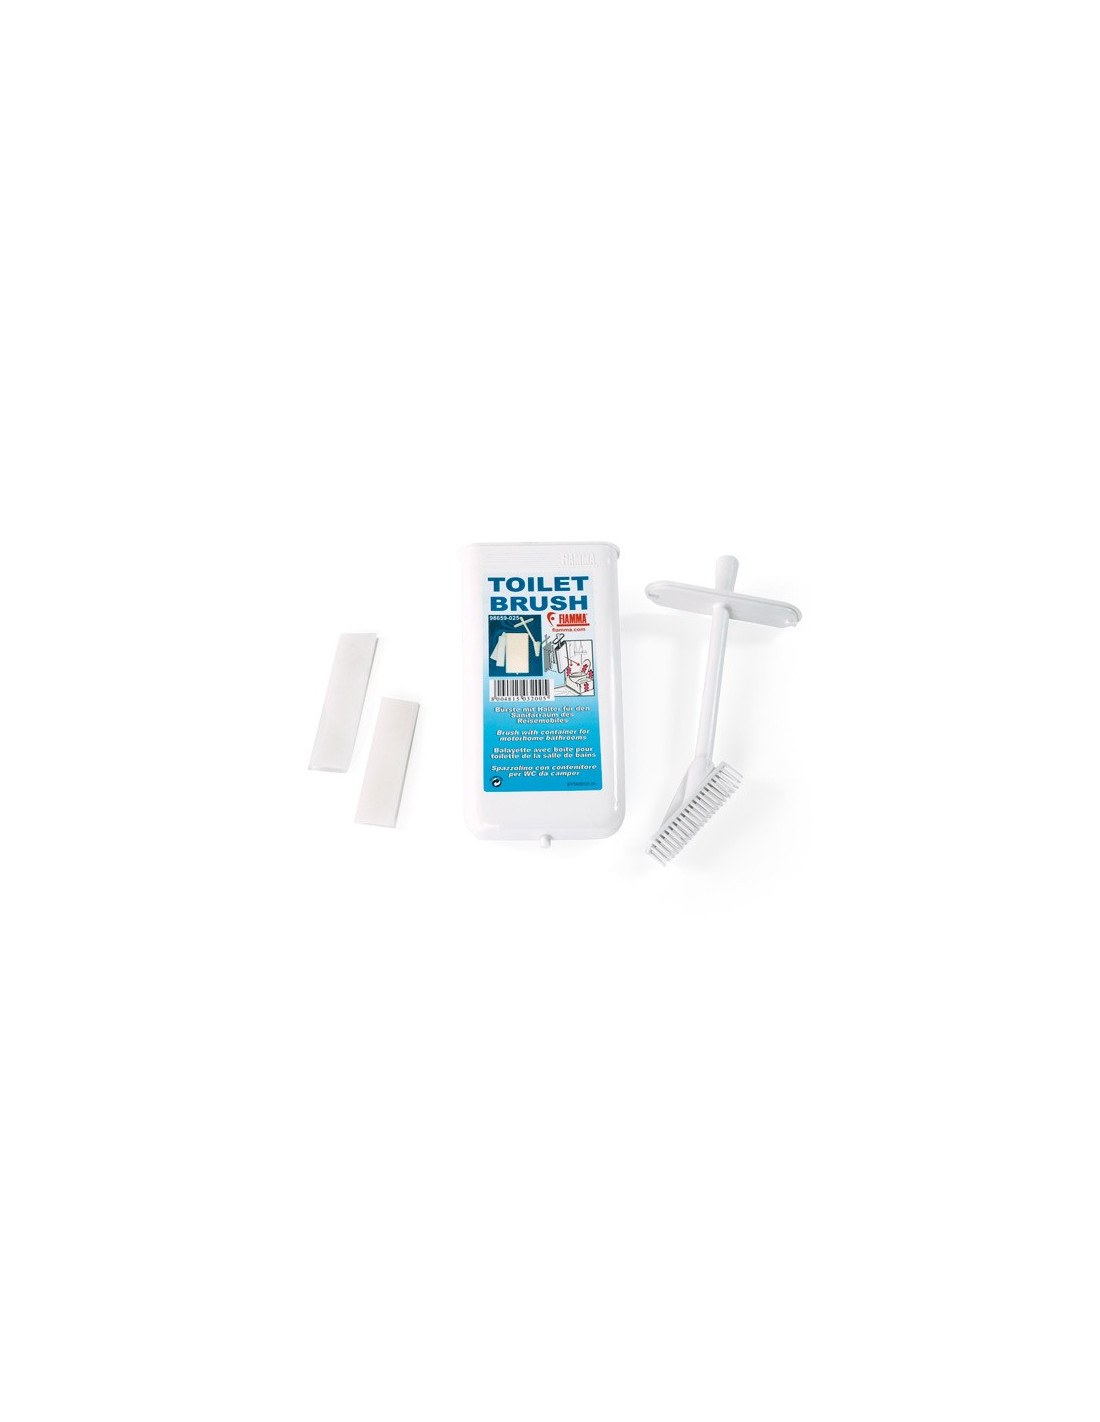 Cepillo escobilla para limpiar wc toilet brush wc tienda - Como limpiar wc ...